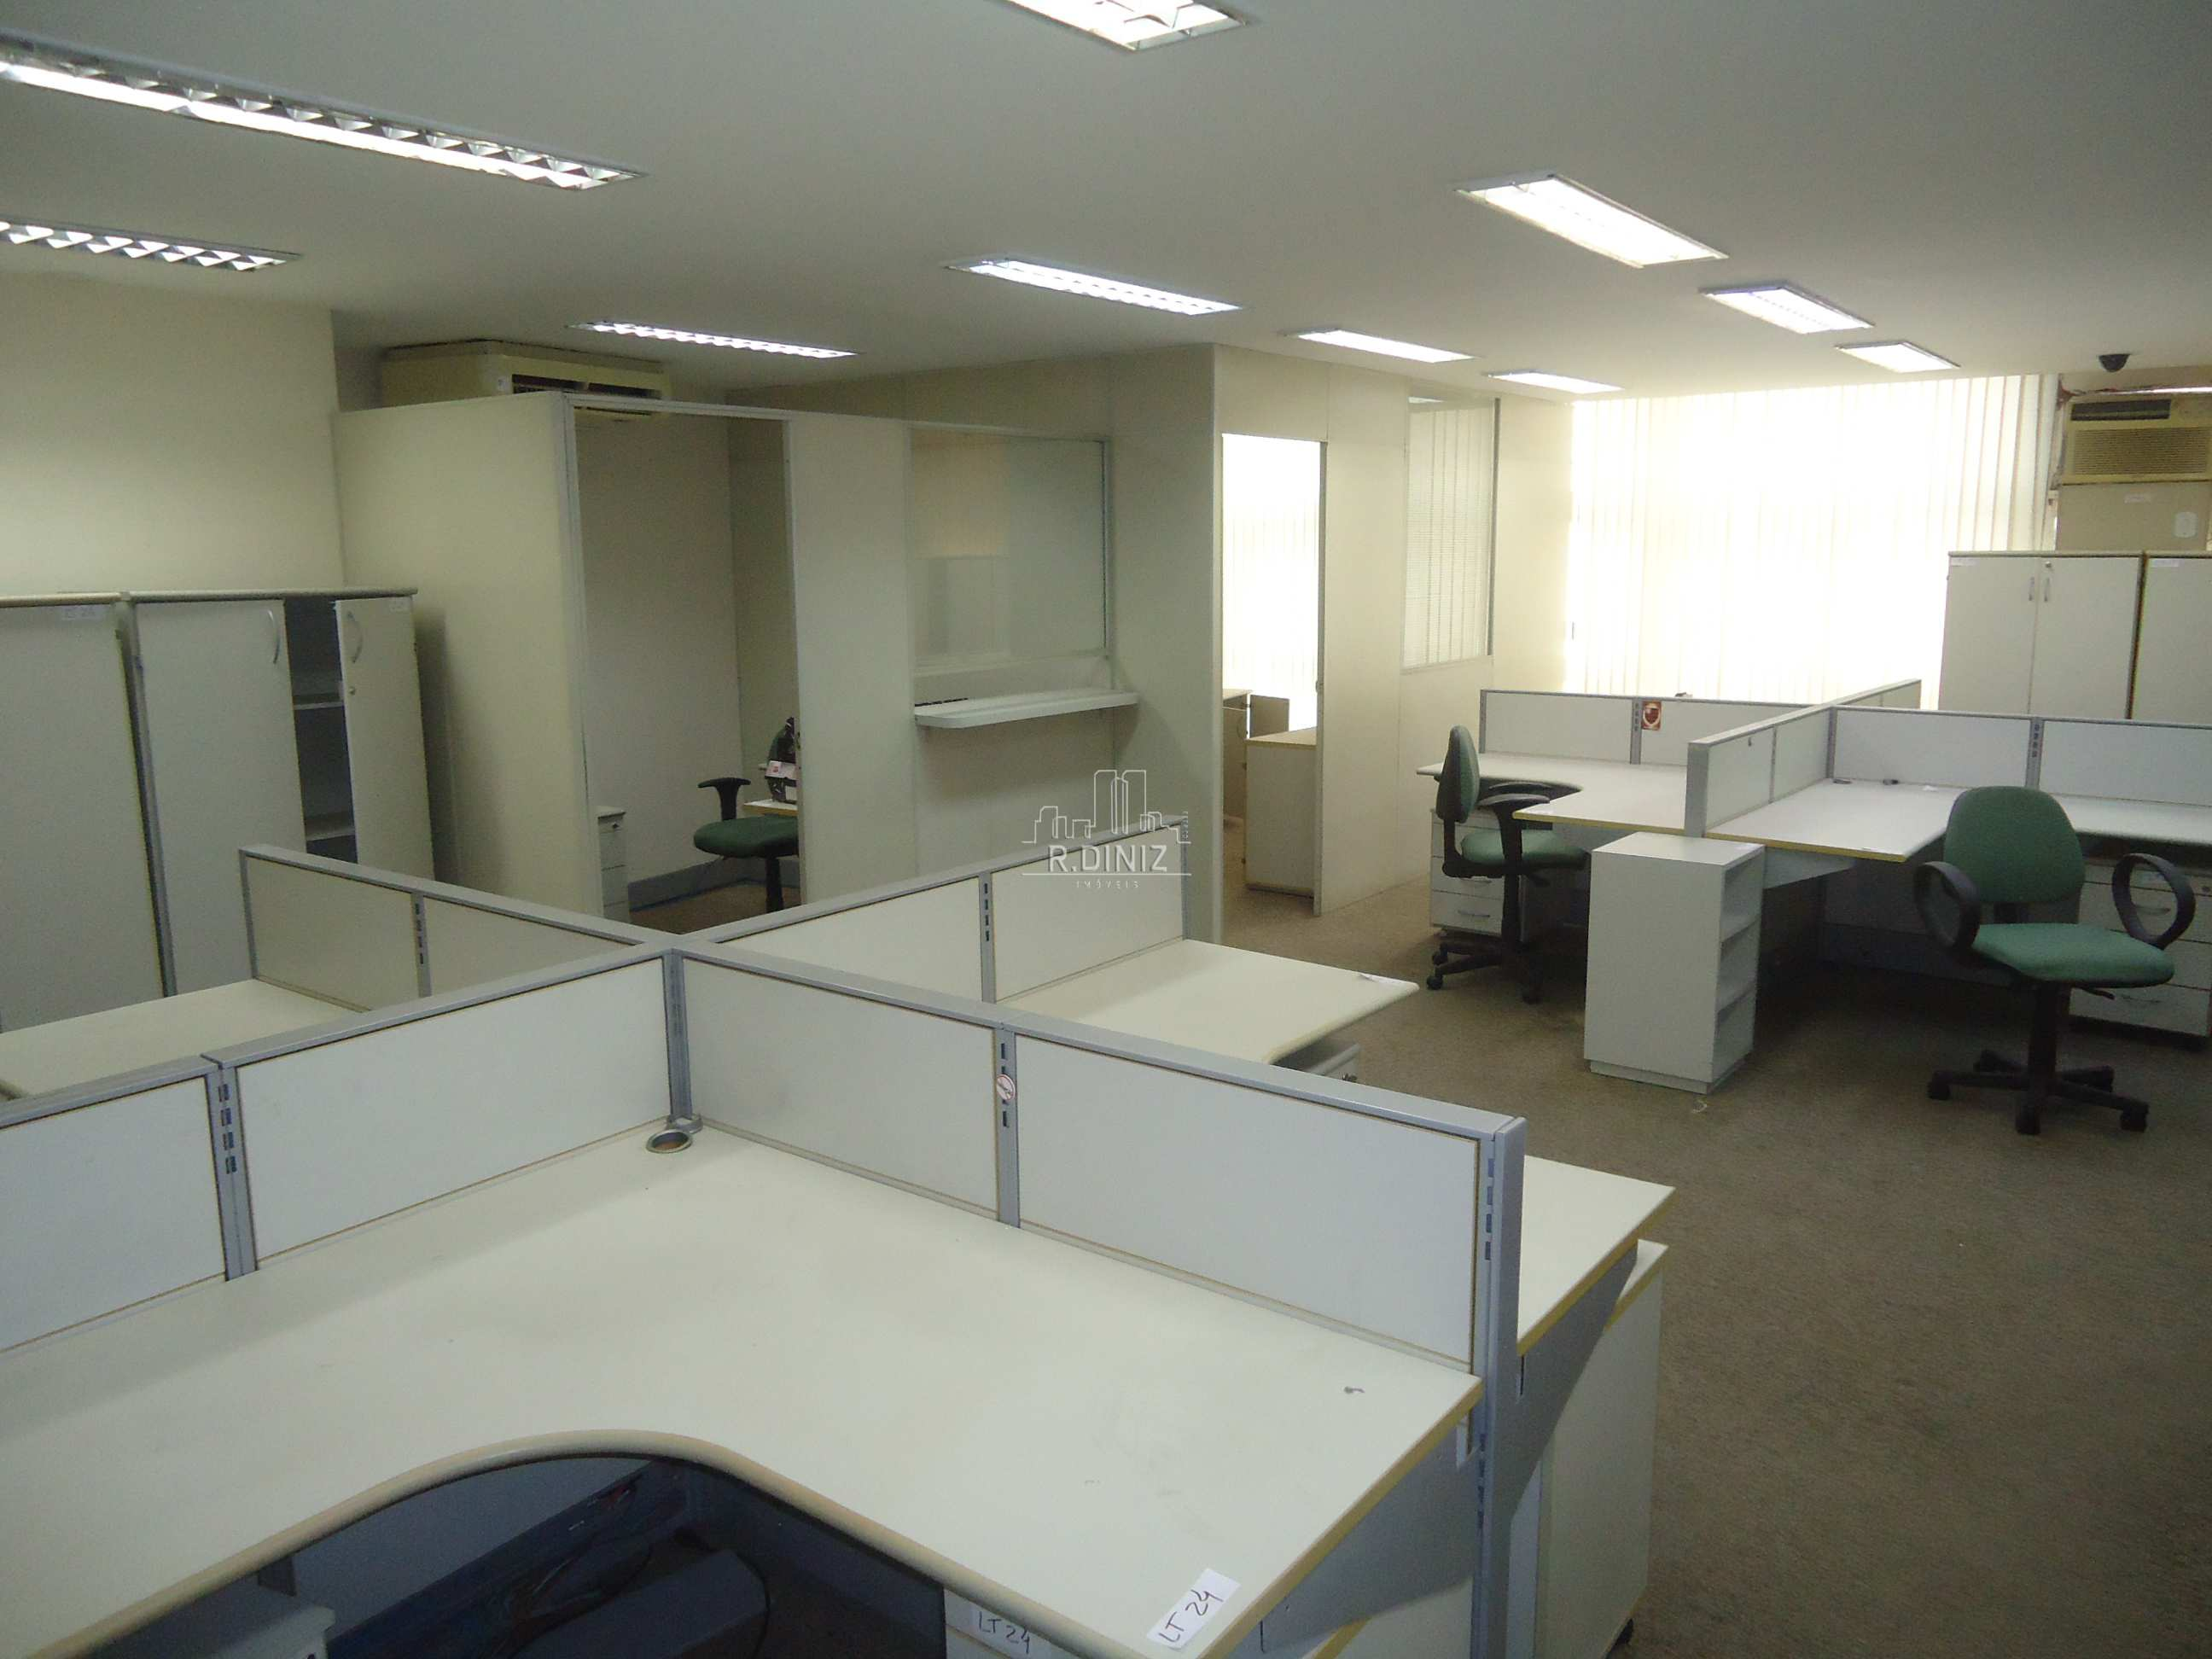 Centro, Cinelândia, Rua Senador Dantas, Andar corporativo, Aluguel, Rio de Janeiro, RJ - im011307 - 44